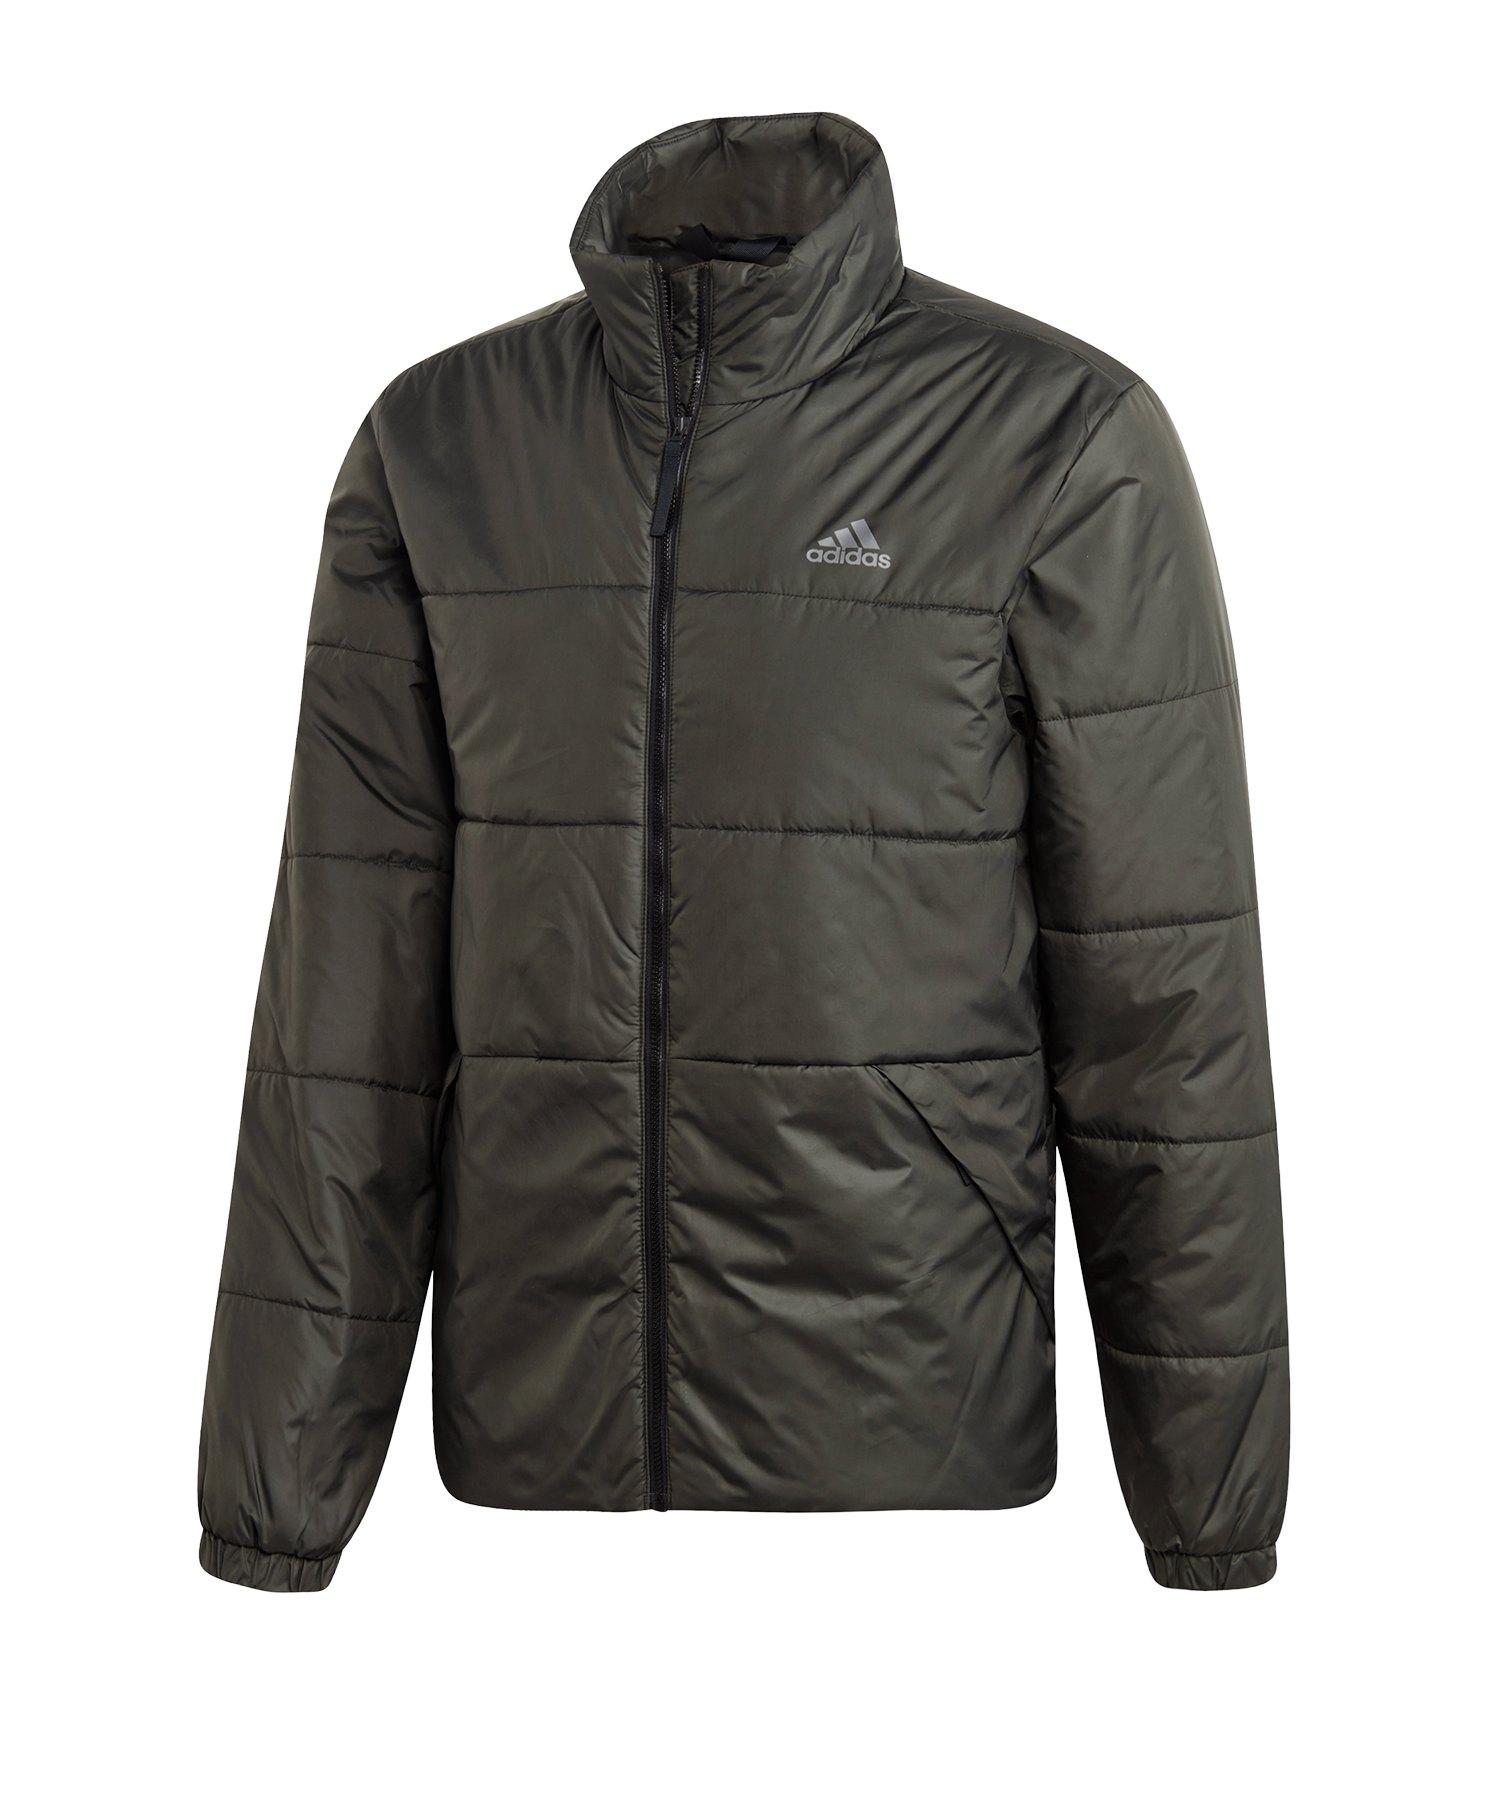 adidas BSC 3 Stripes Jacke Grau